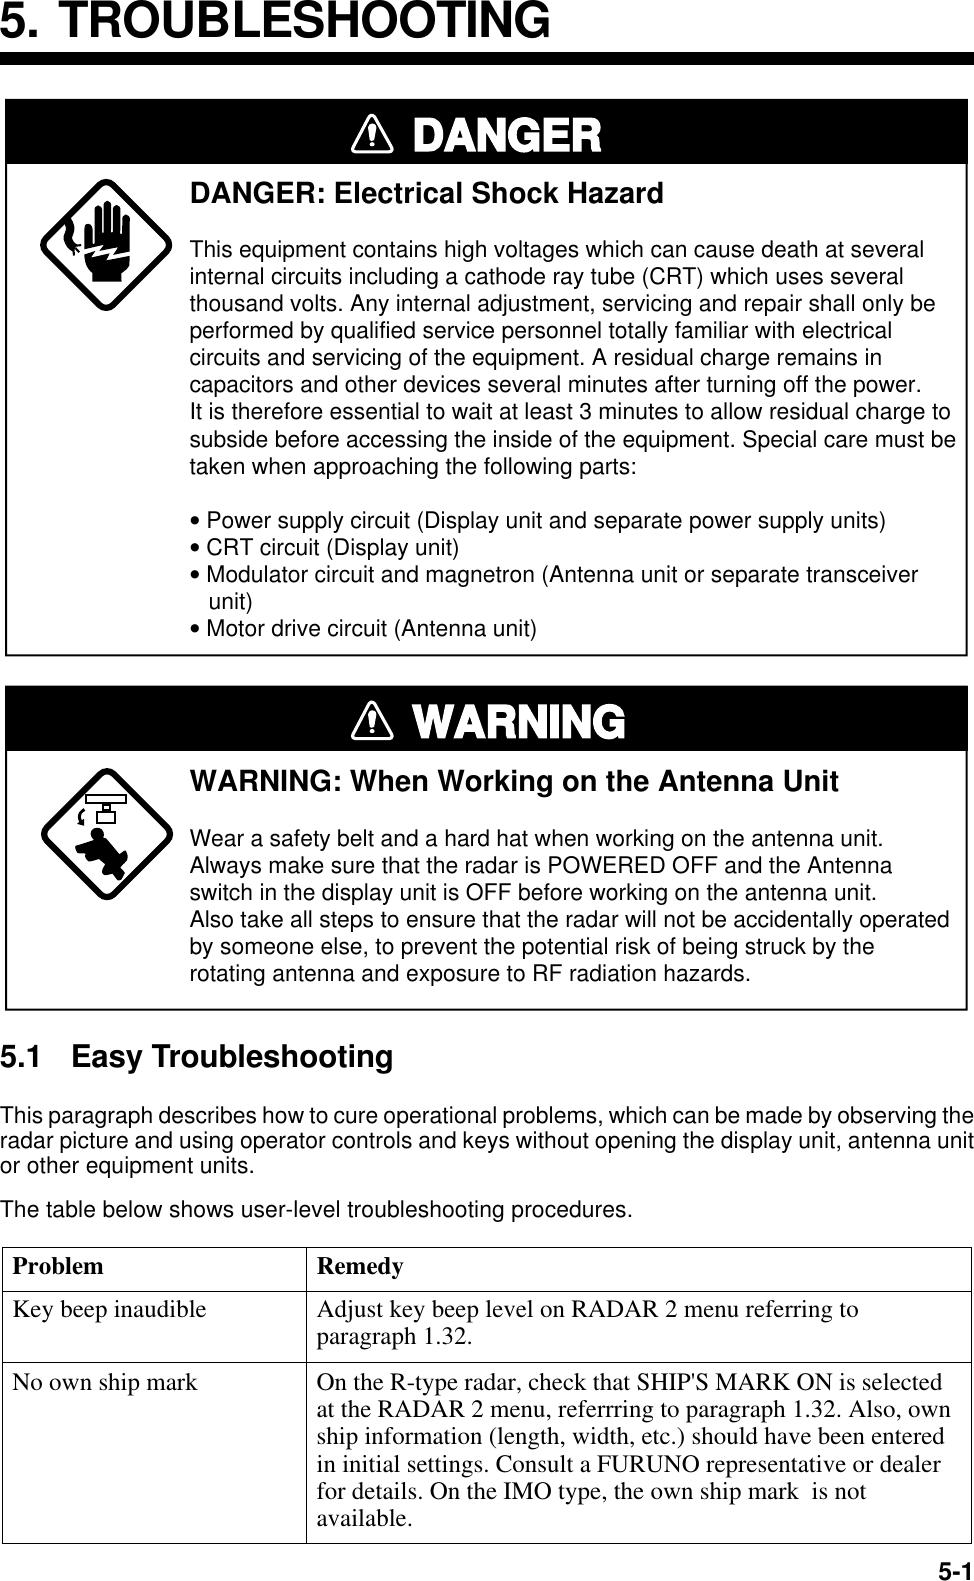 Furuno Far 2805 Series Users Manual Radar (OM) CRT